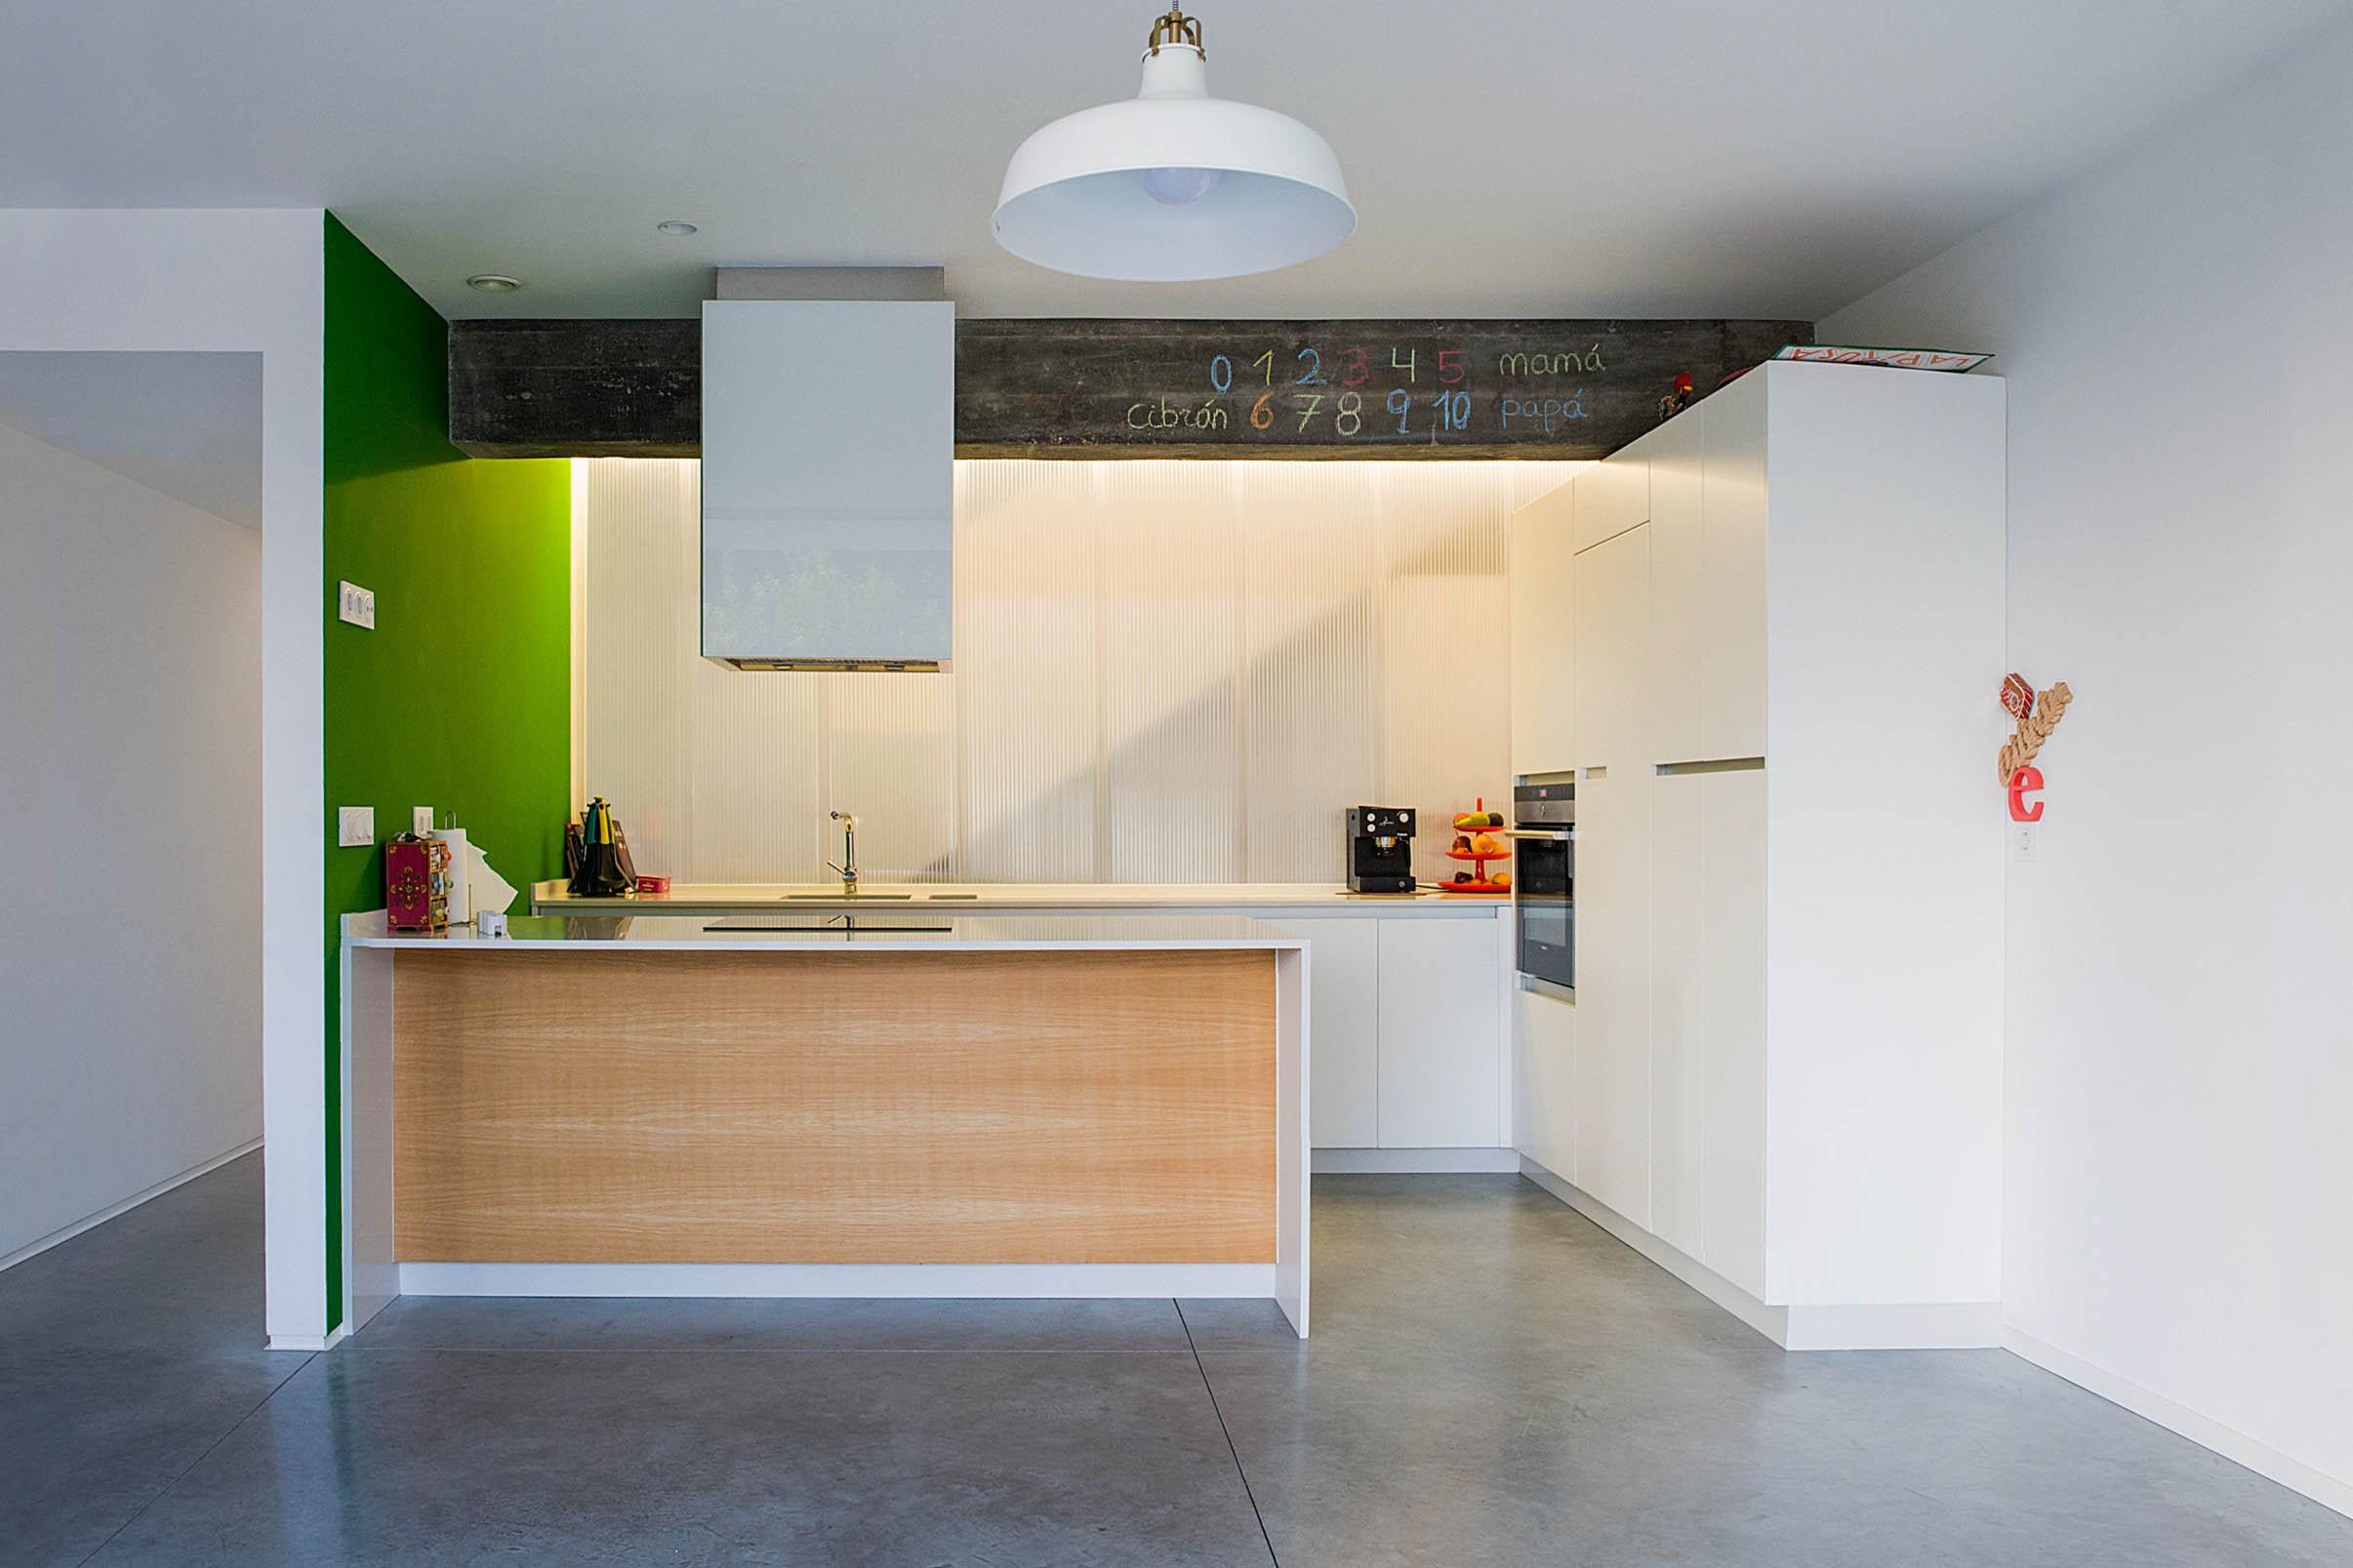 floa-arquitectuura-vivienda-covelo-atios-11